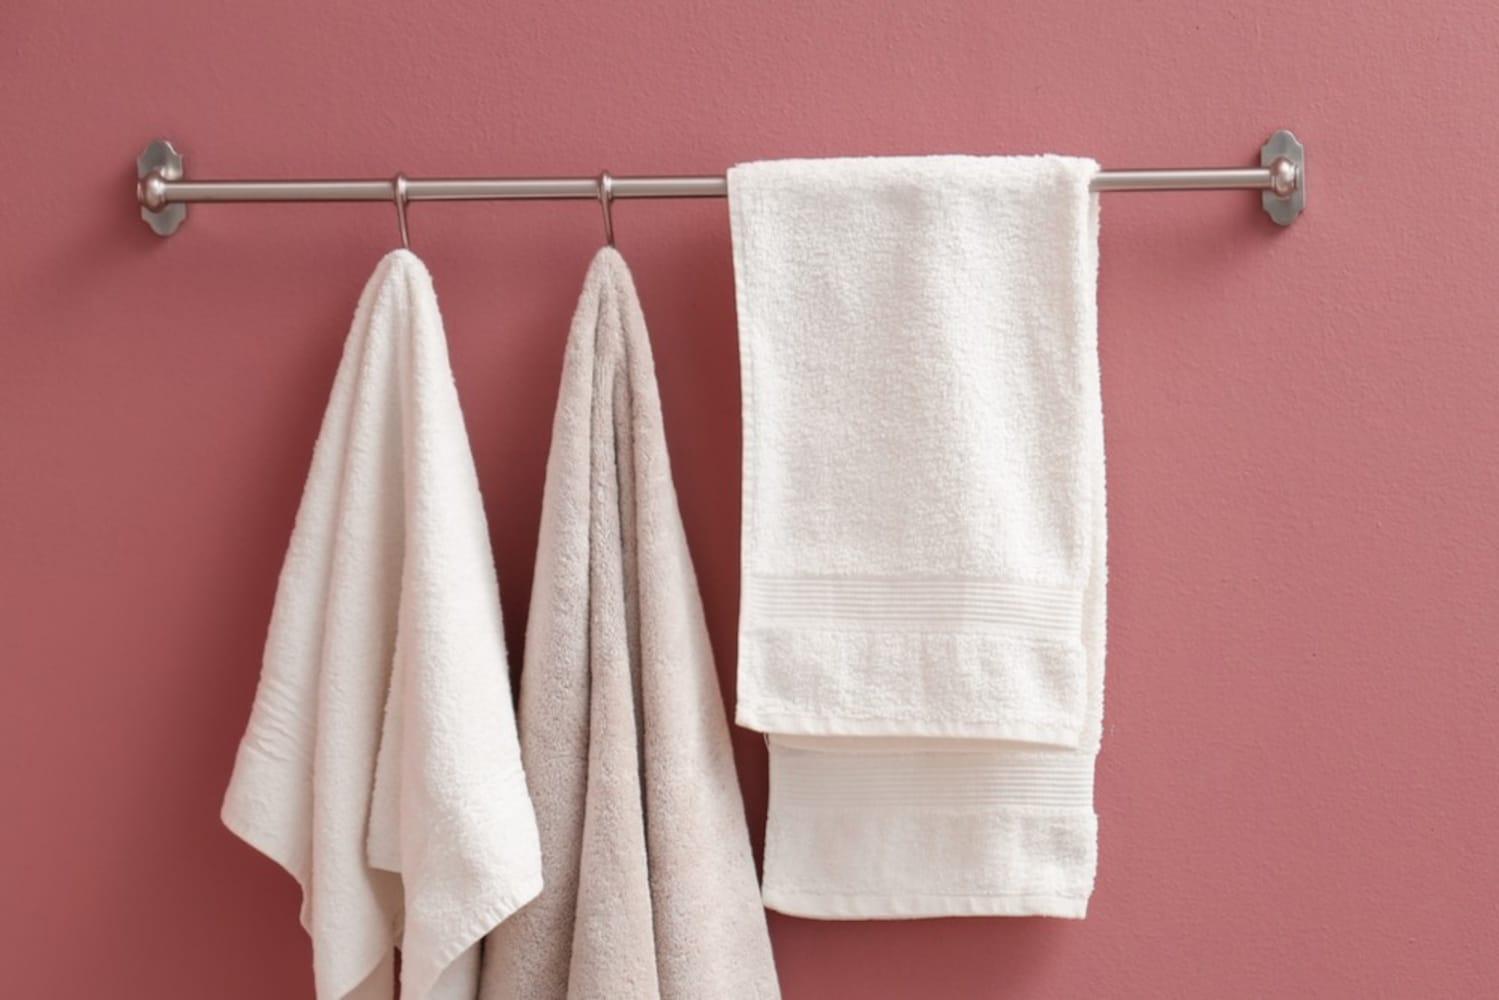 サイズ|30×80cm程度なら手拭きタオルとしても使いやすい